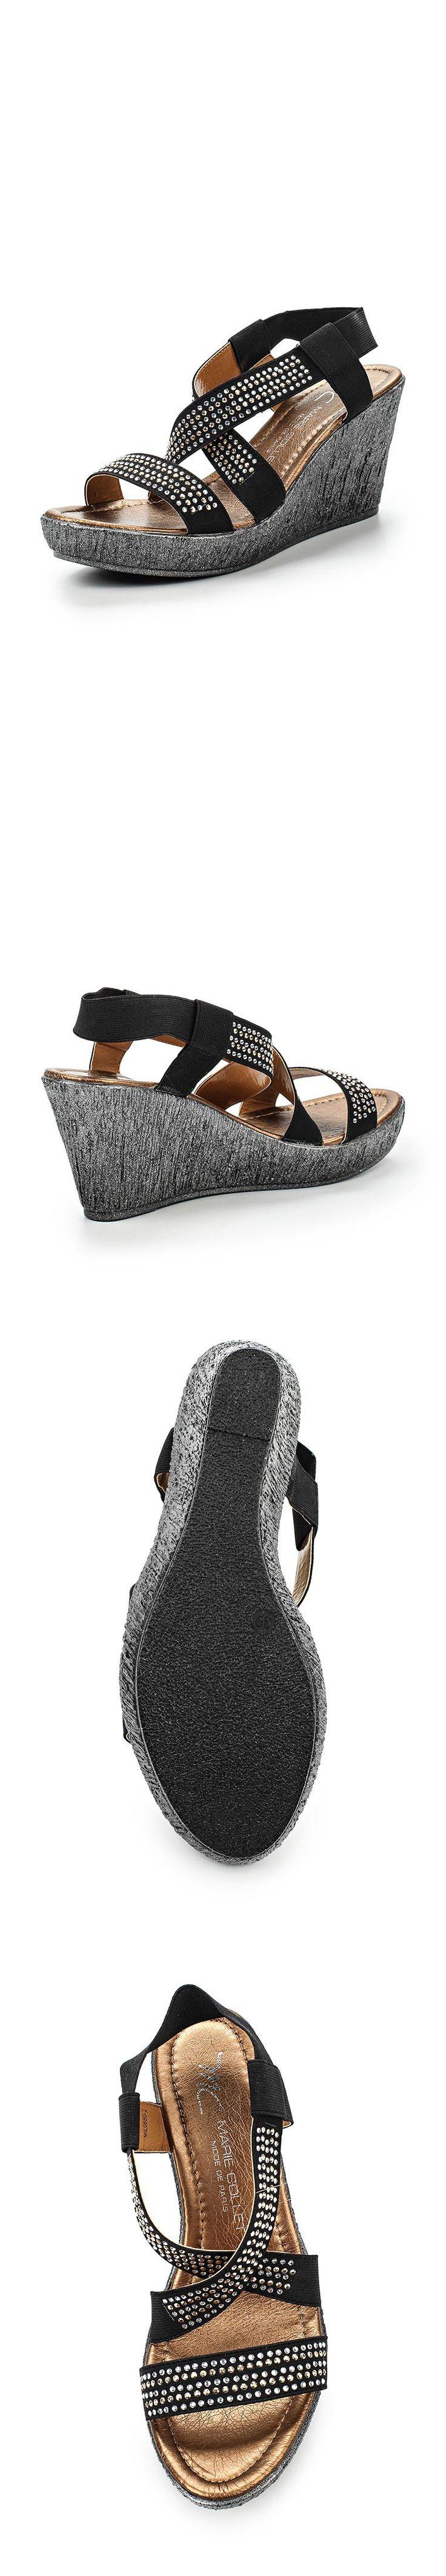 Женская обувь босоножки Marie Collet за 2850.00 руб.